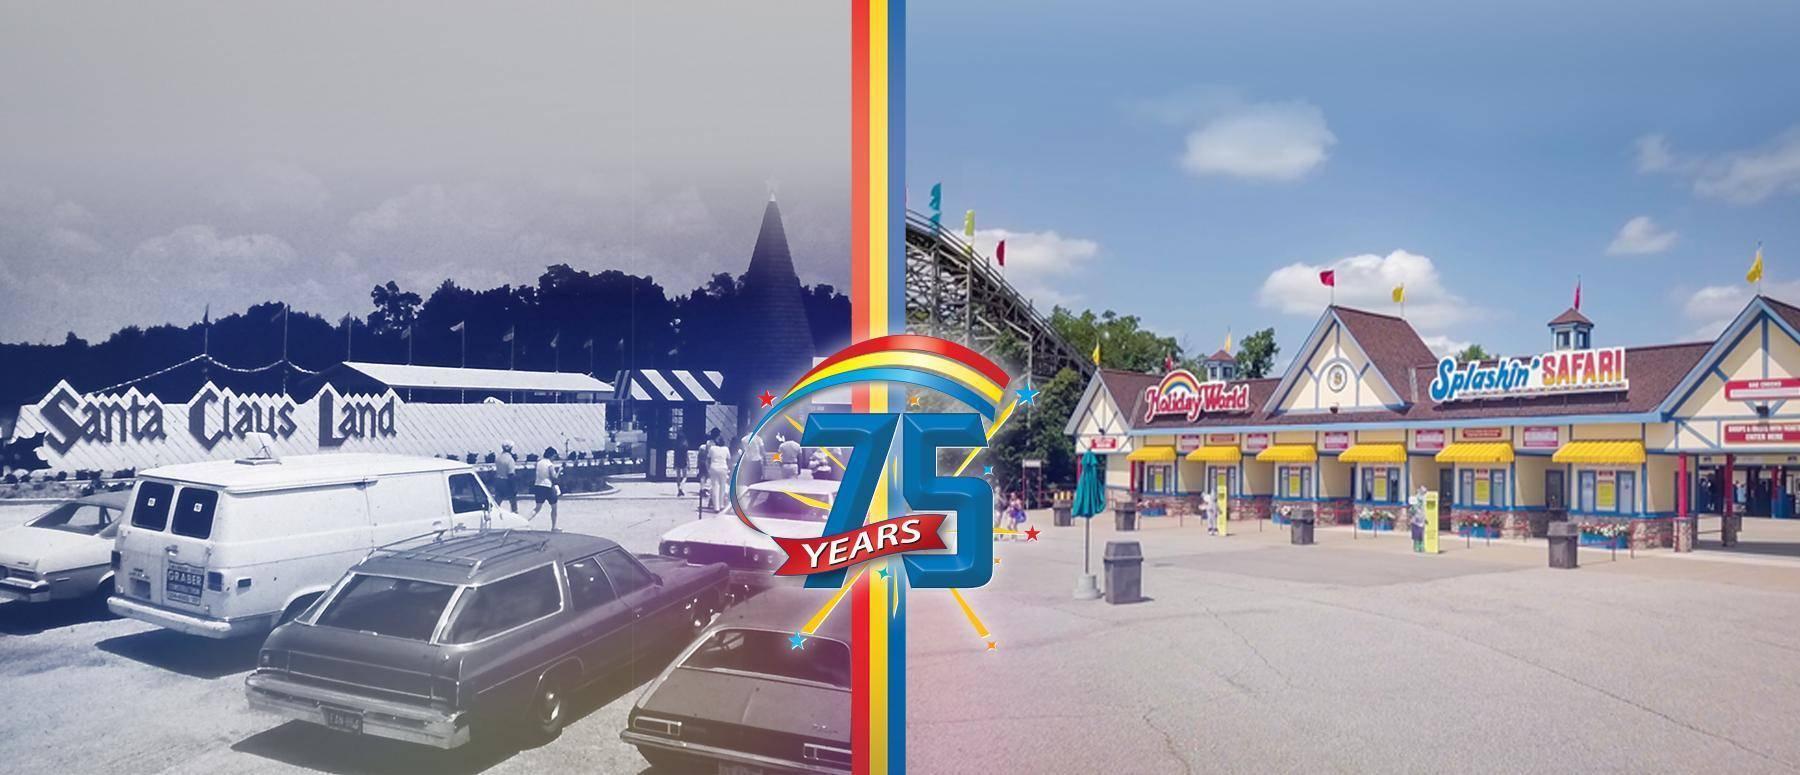 75 Years of Family Fun